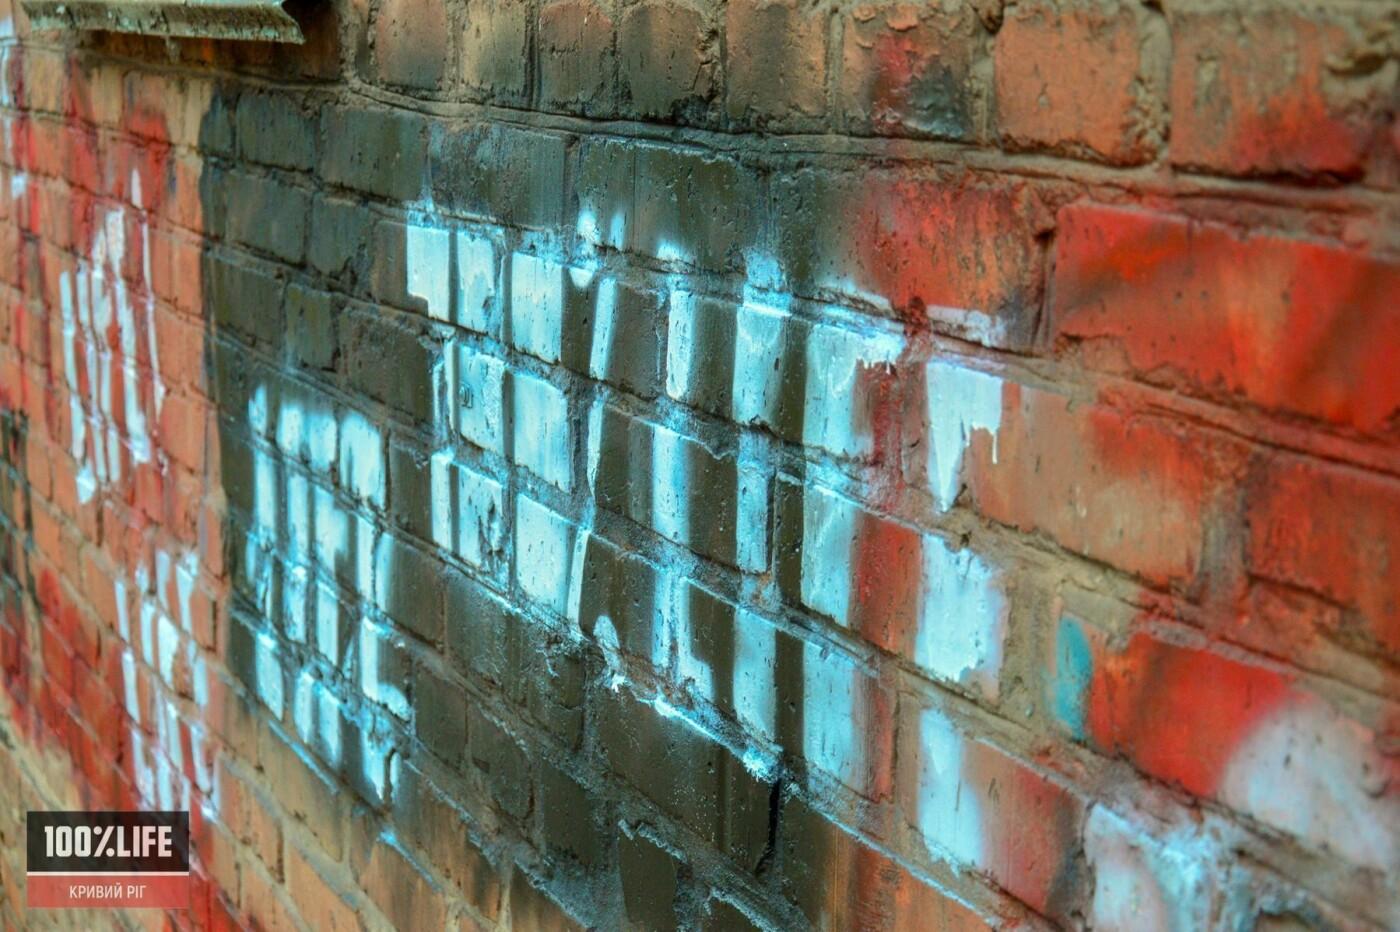 Криворожские подростки вместе с копами зарисовывали незаконную рекламу наркотиков, - ФОТО , фото-4